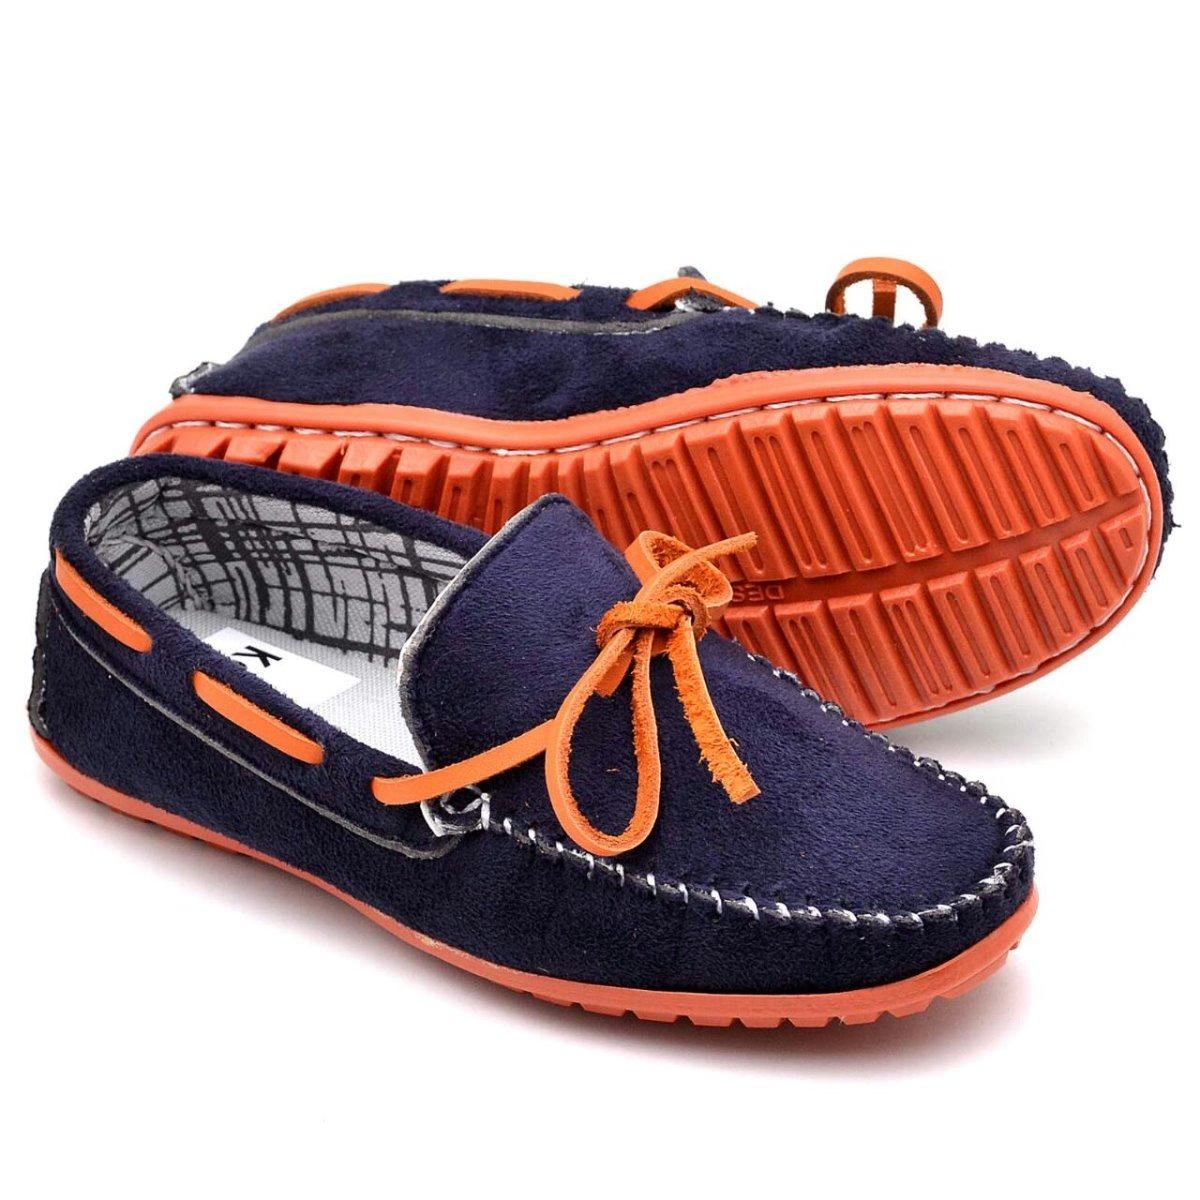 fa20ed559f sapato mocassim infantil masculino em couro legítimo social. Carregando  zoom.